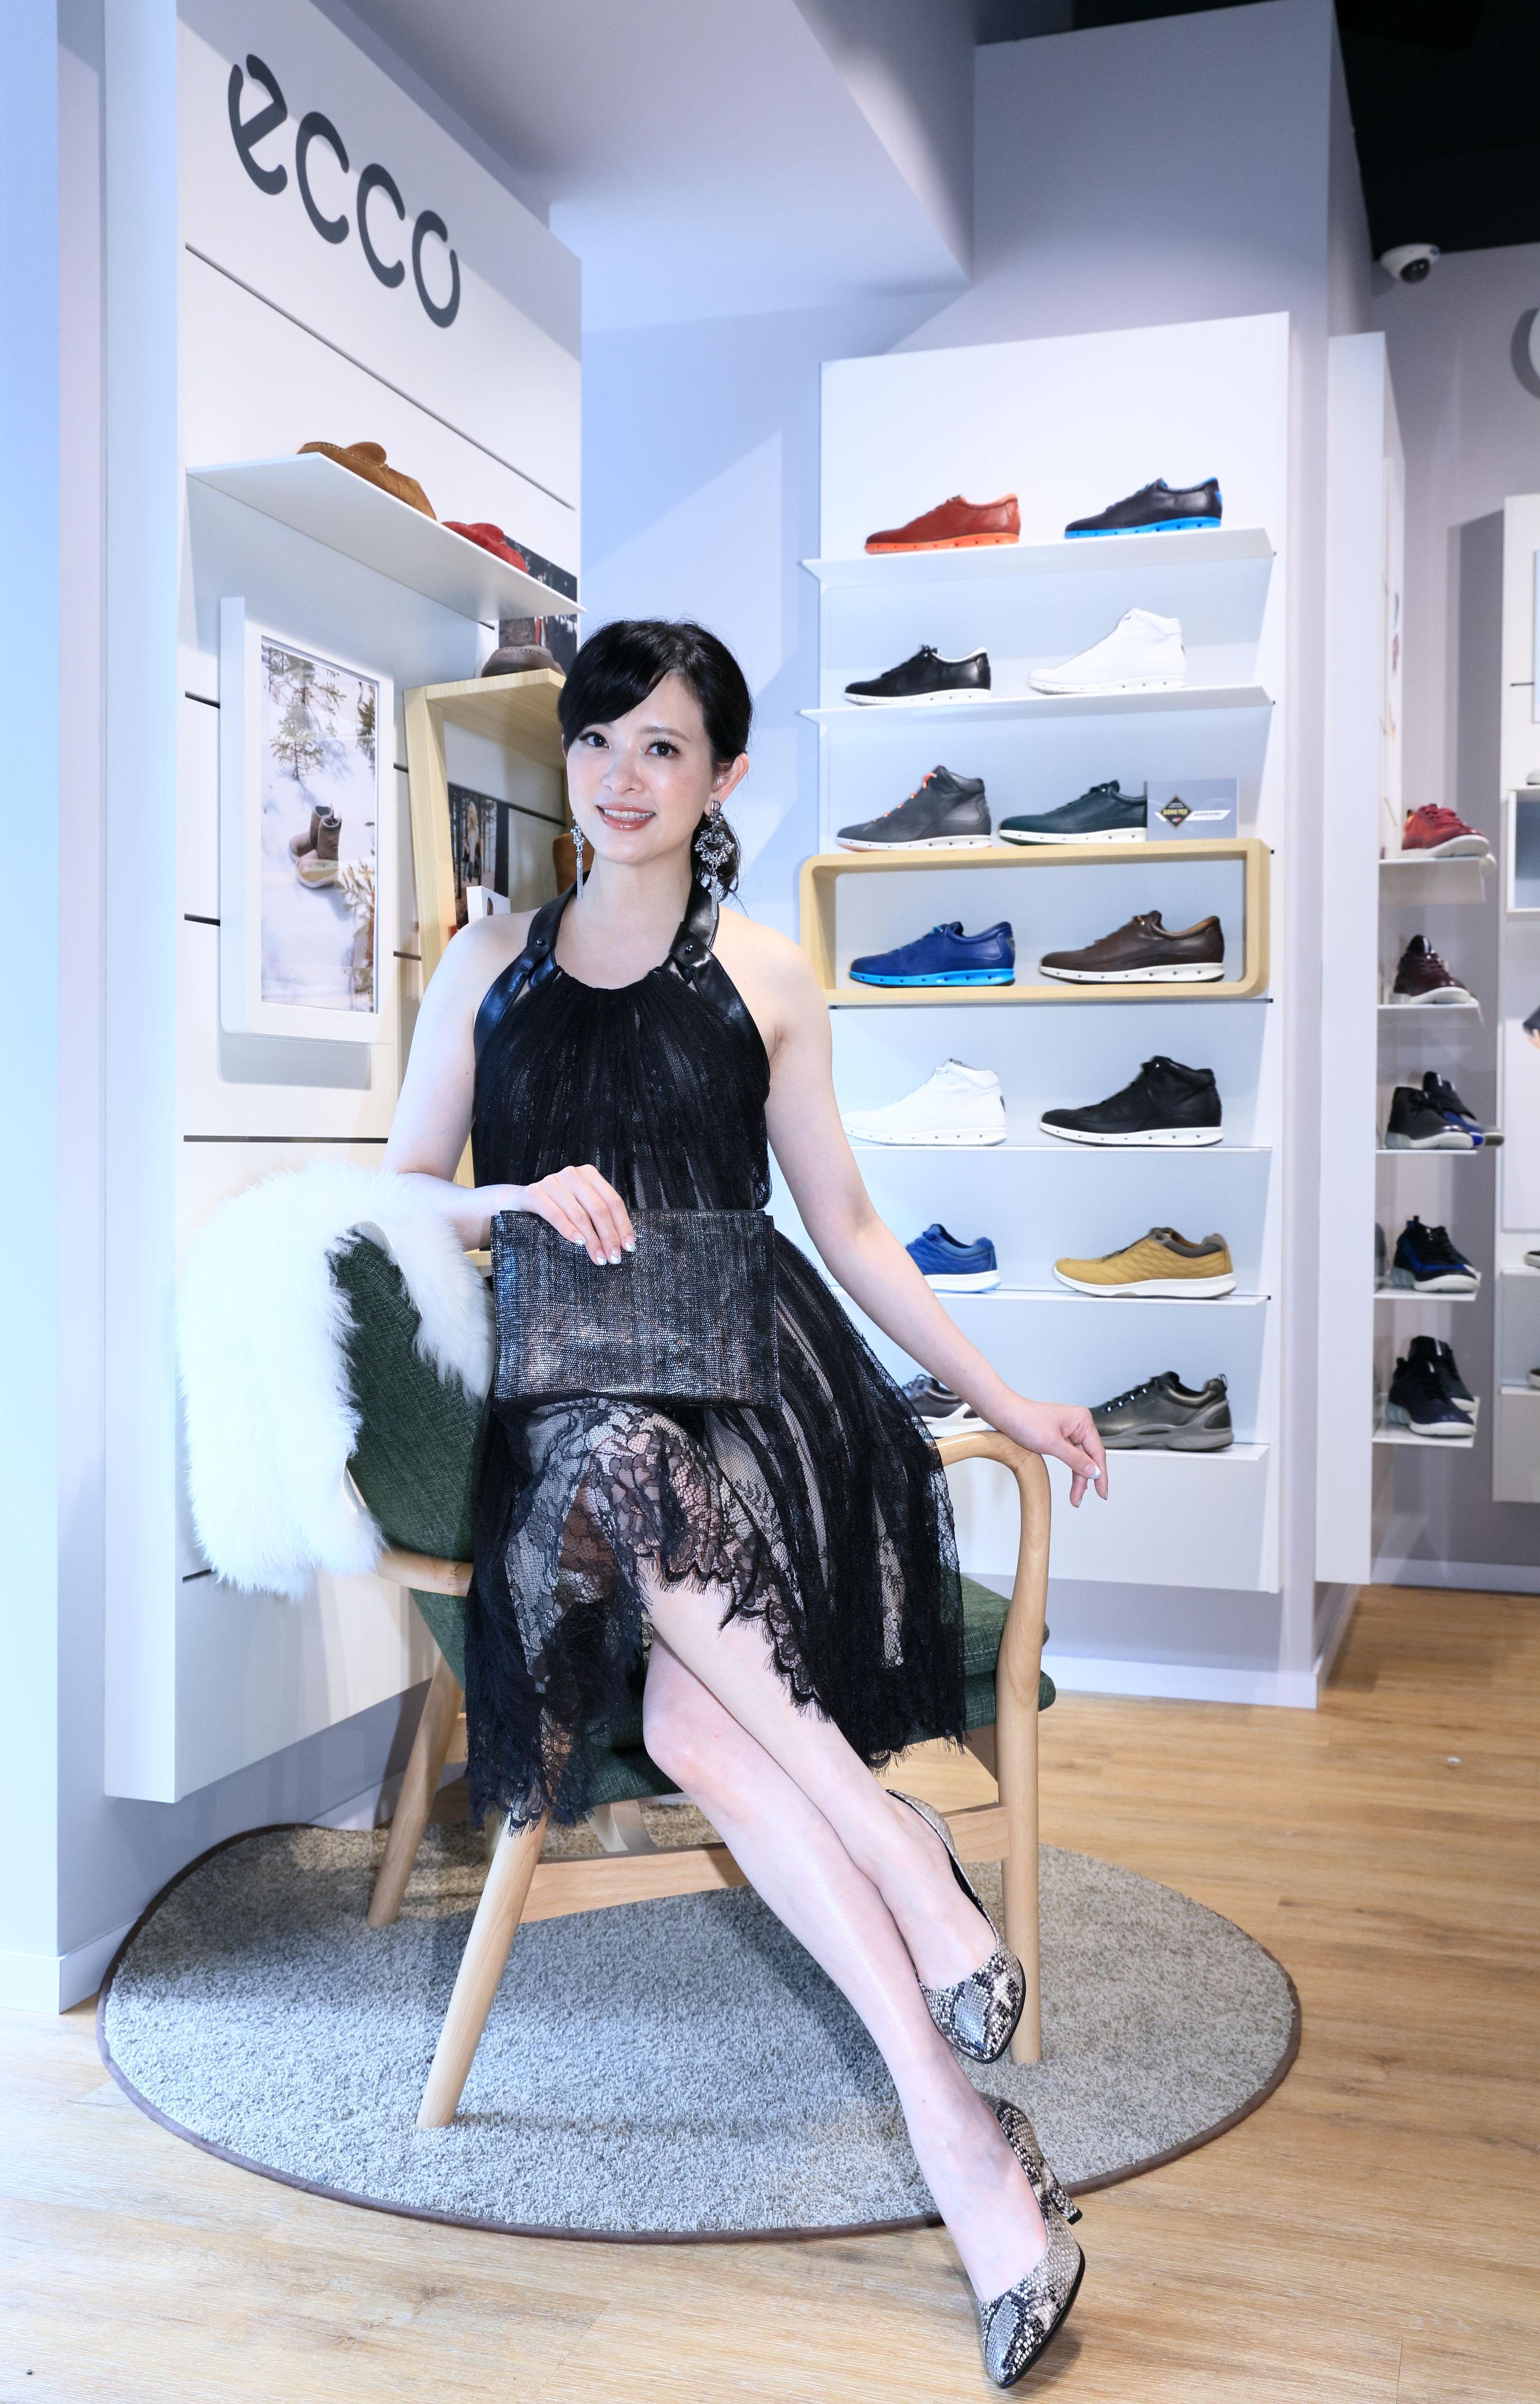 常穿高跟鞋也不怕腿粗、腿壯!劉真:4件事做到下半身自然瘦 - 自由電子報iStyle時尚美妝頻道